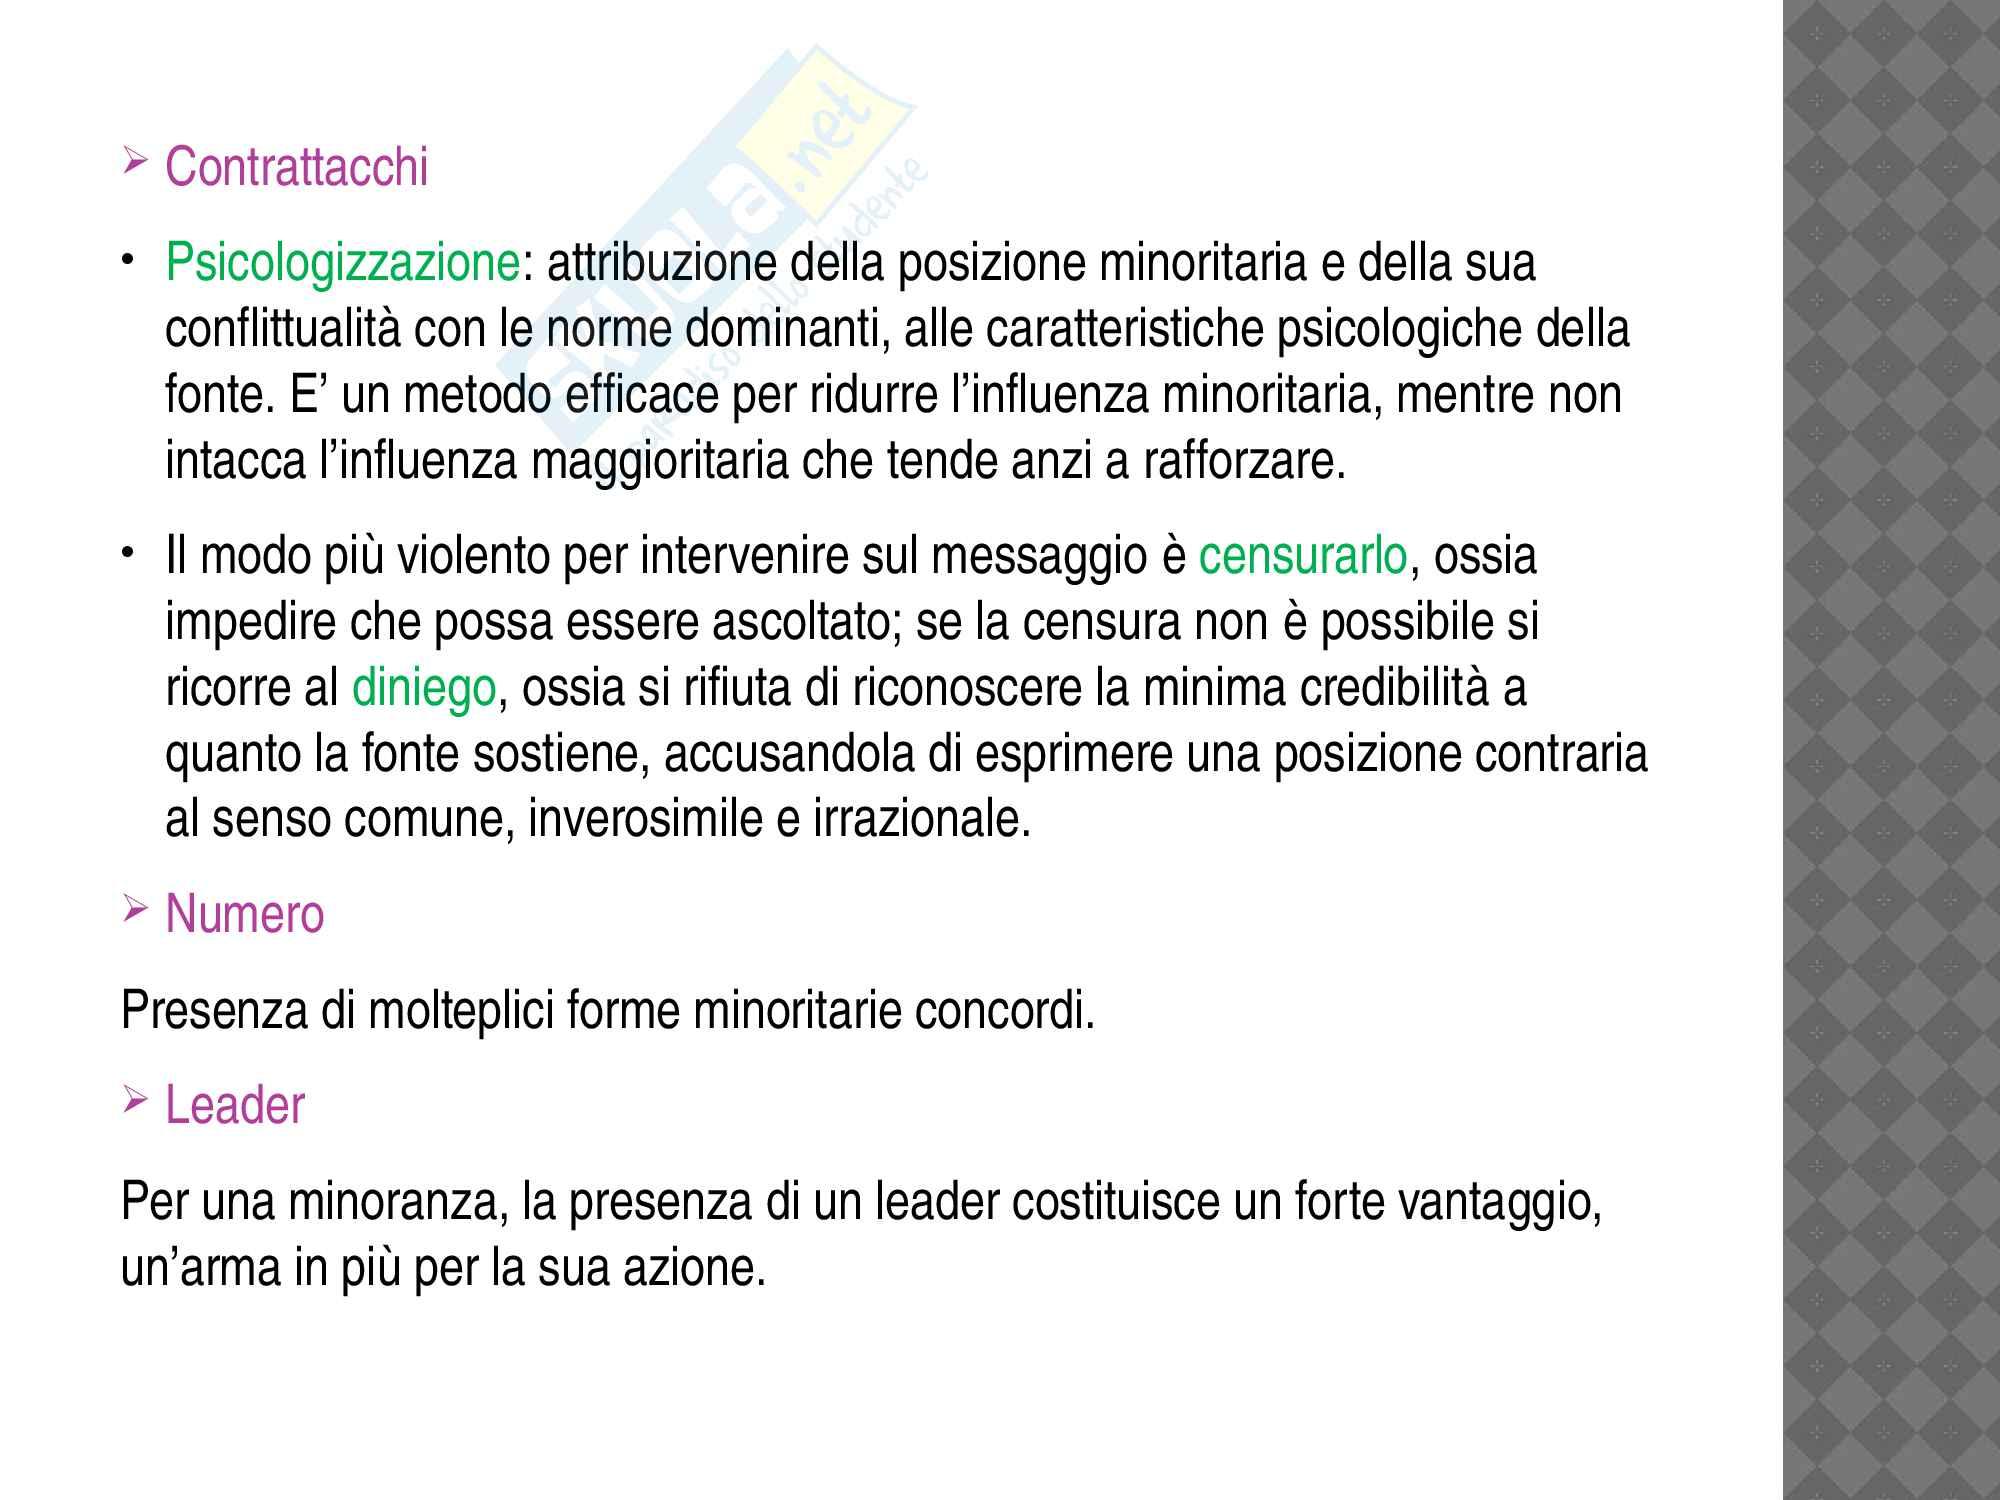 """Riassunto esame influenza sociale, prof Aquino, libro consigliato """"L'influenza sociale"""" di Angelica Mucchi Faina, Maria Giuseppina Pacilli, Stefano Pagliaro Pag. 51"""